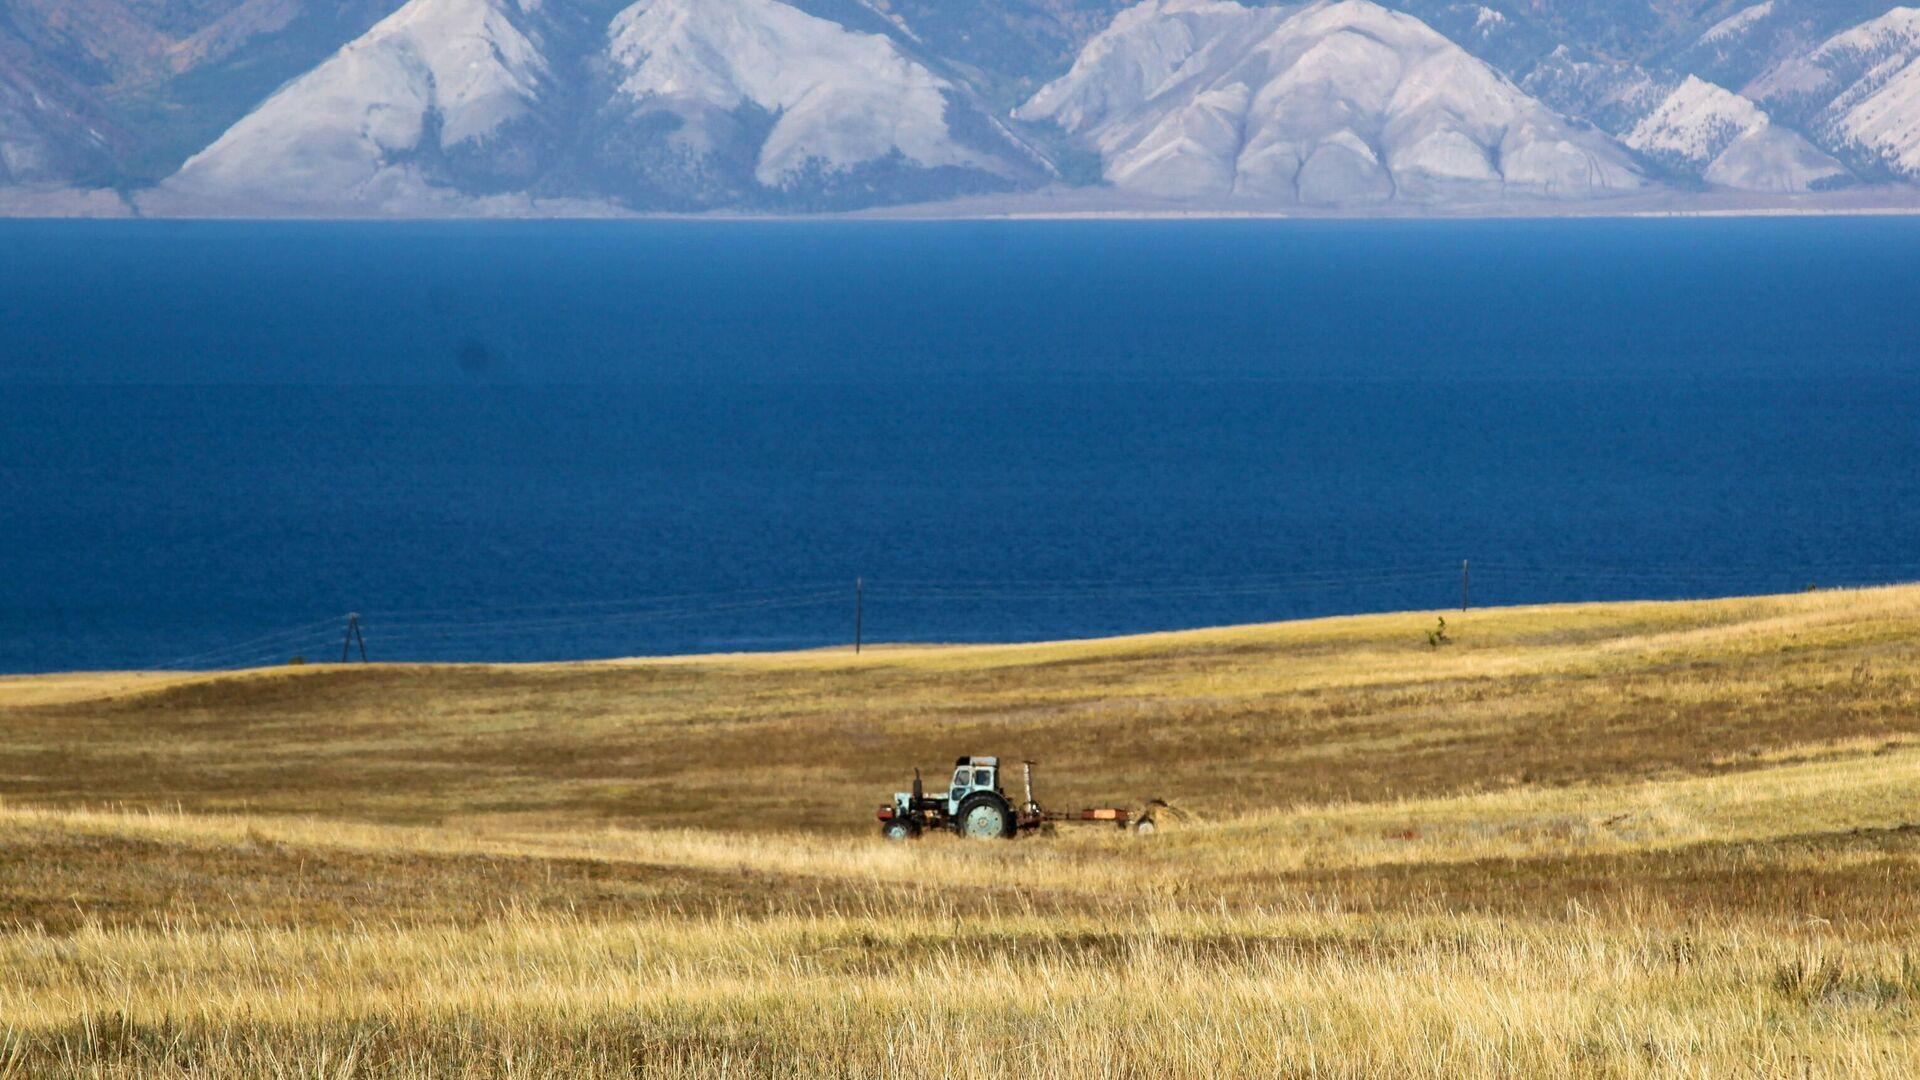 Остров Ольхон на озере Байкал в Иркутской области - РИА Новости, 1920, 22.09.2020